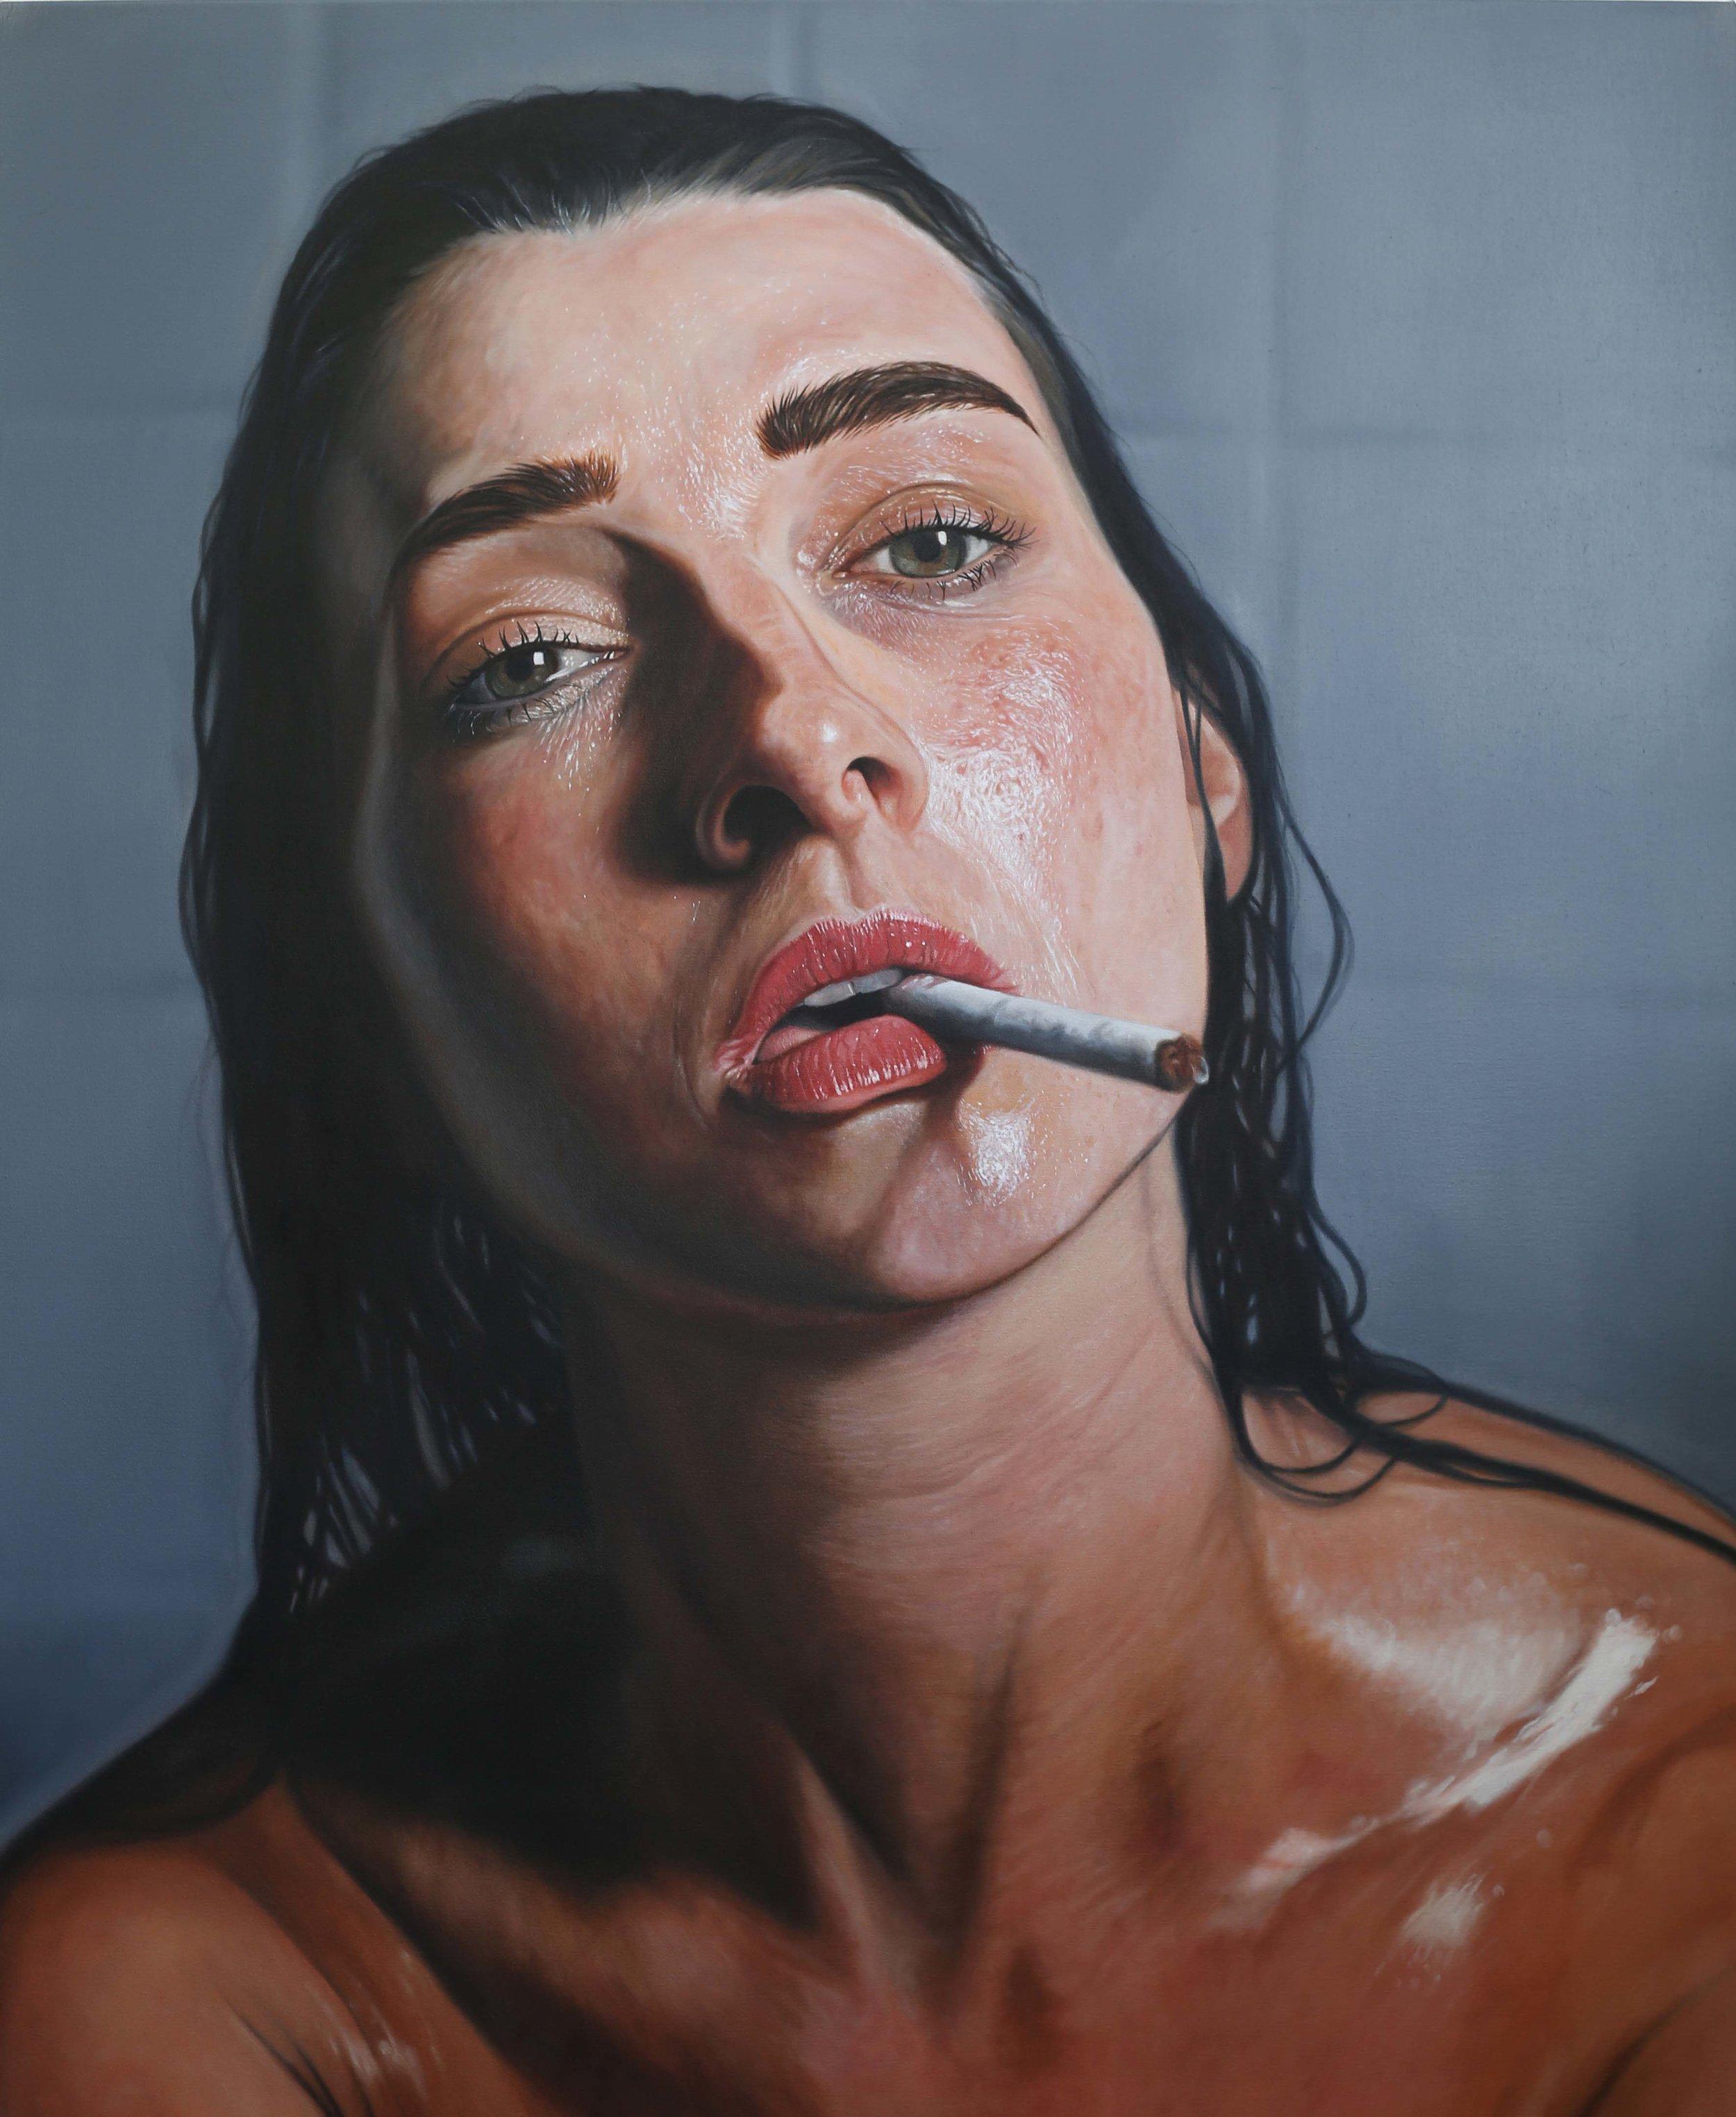 Anton Byrne-Carter, Amy, Oil on Canvas, 153 cm x 122cm x 4.5cm